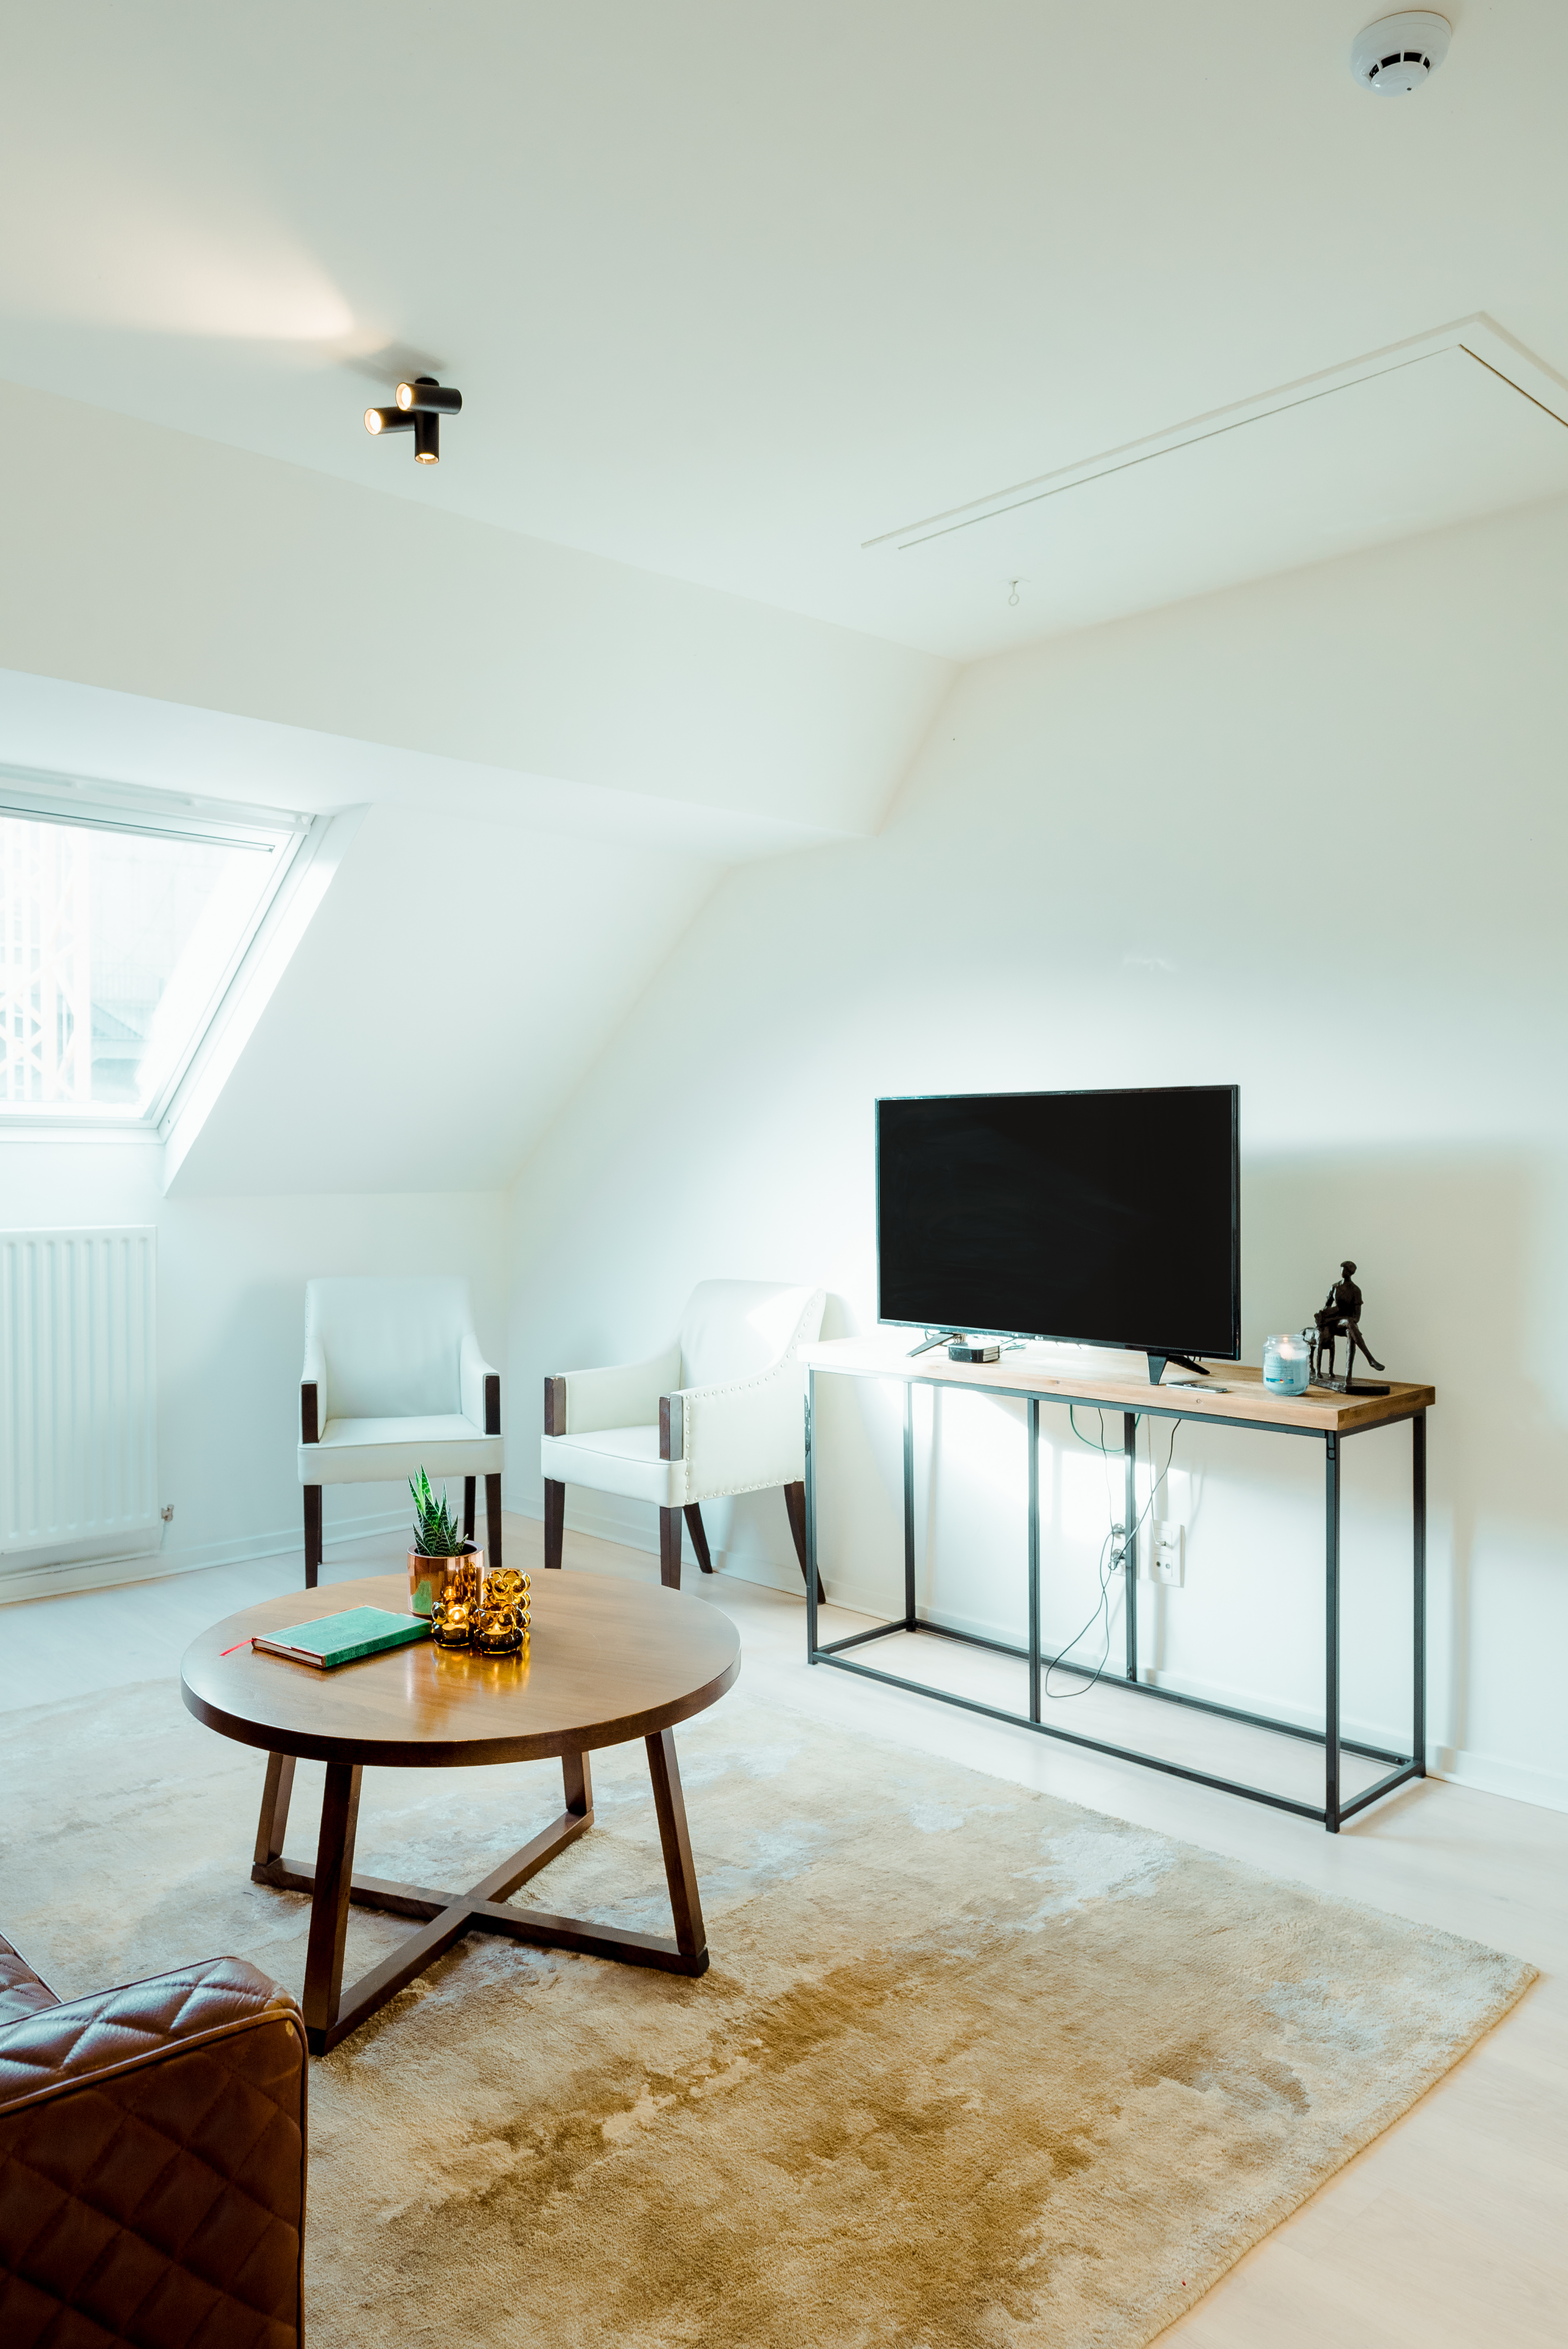 Heirloom_A Flemish Tale_room 3_2.jpg